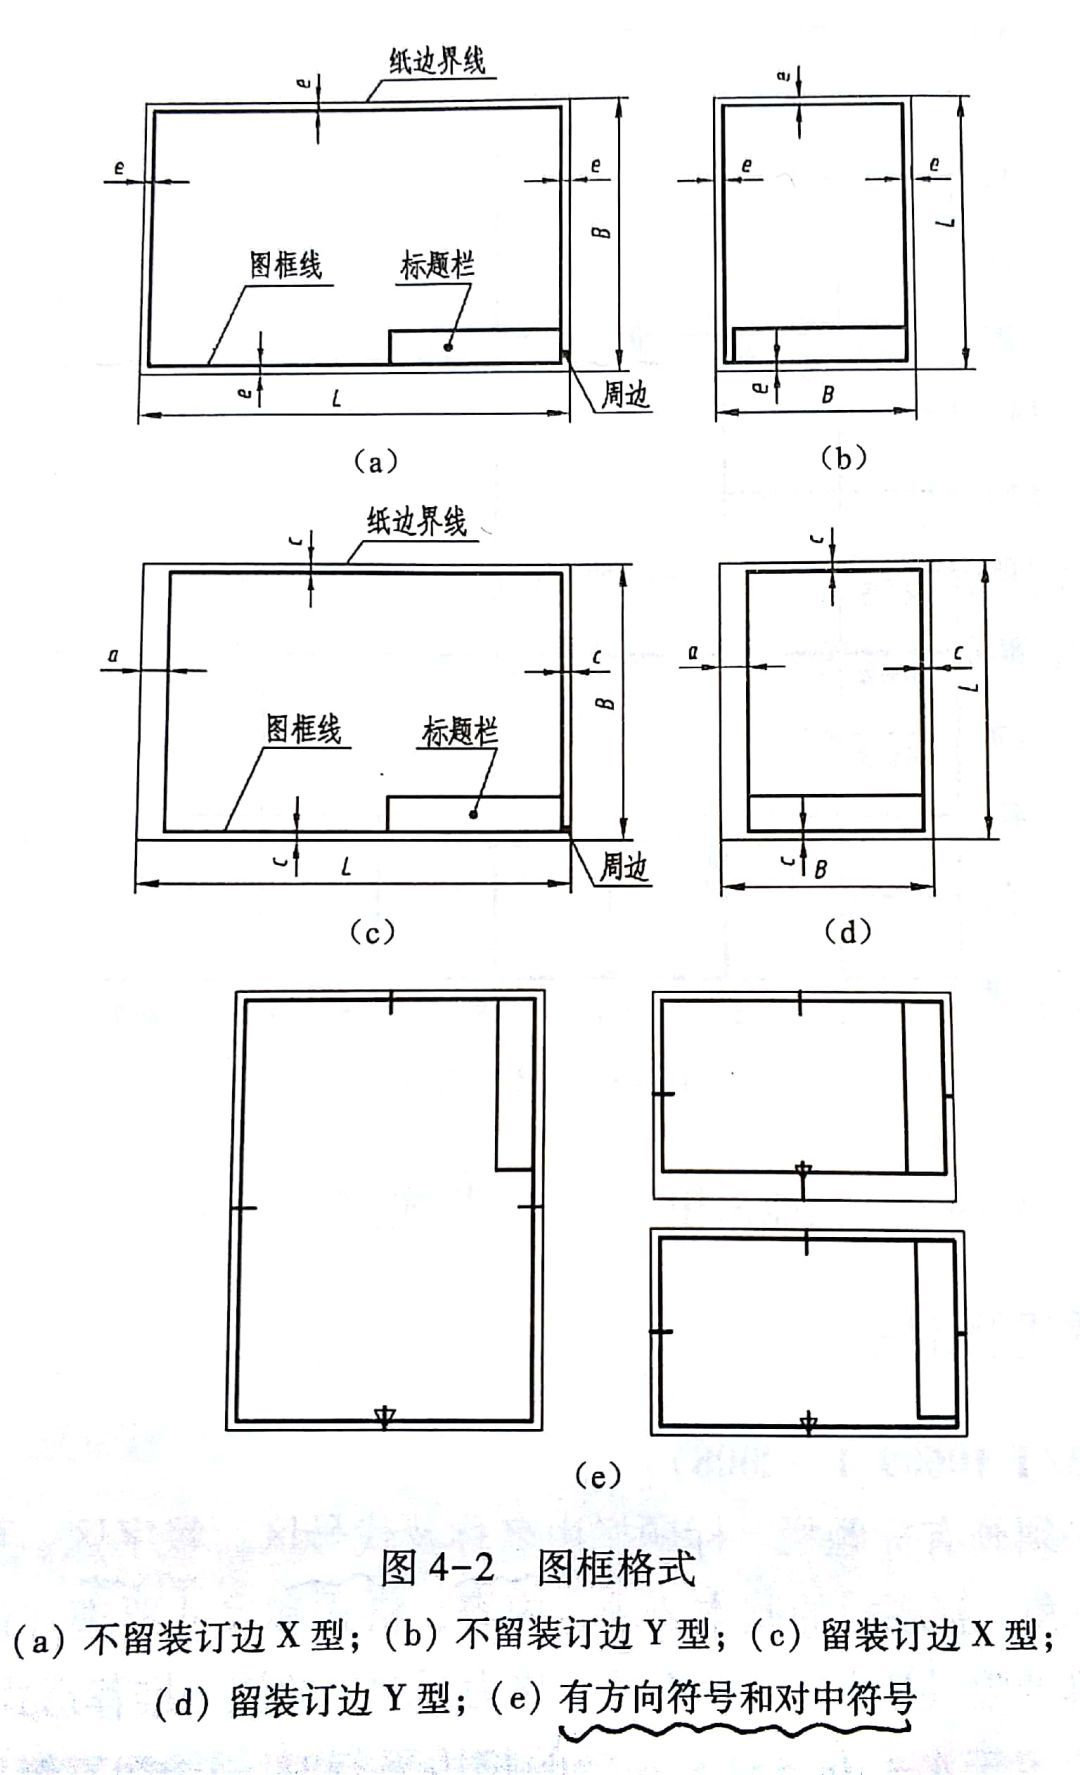 标题栏和明细栏 x型图纸:标题栏的长边置于水平方向且和图纸的长边